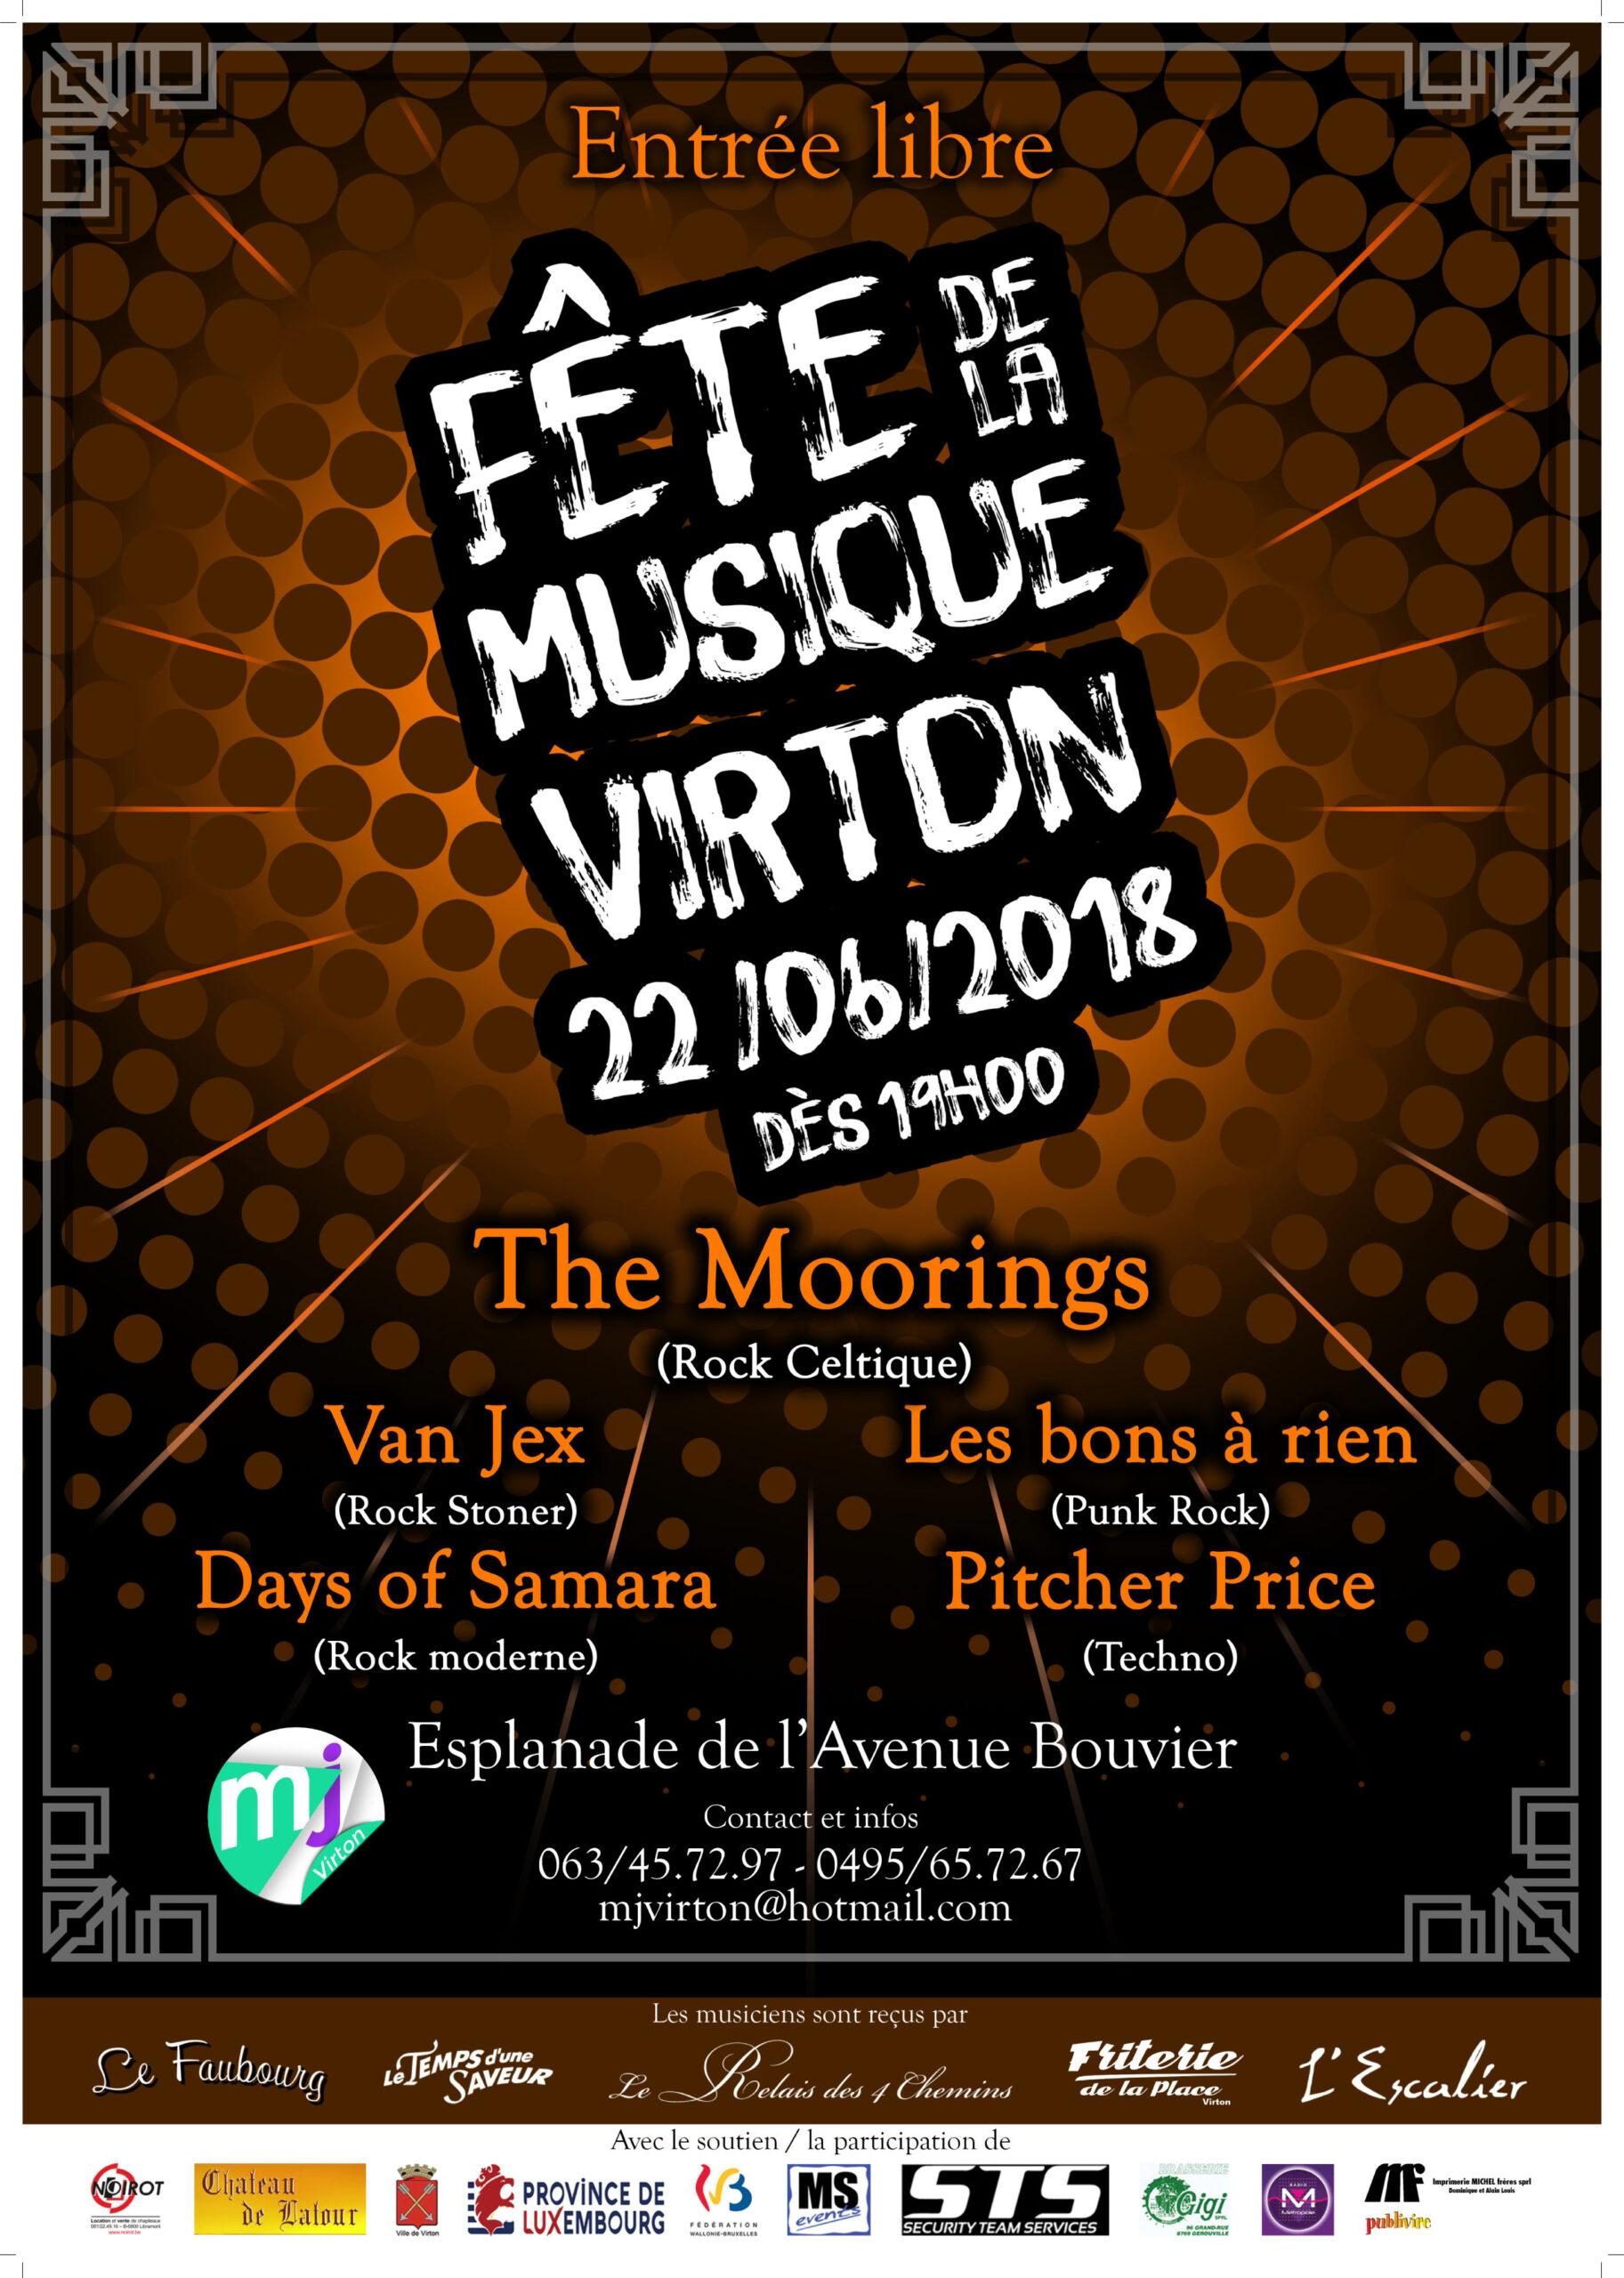 Fête de la Musique – Virton